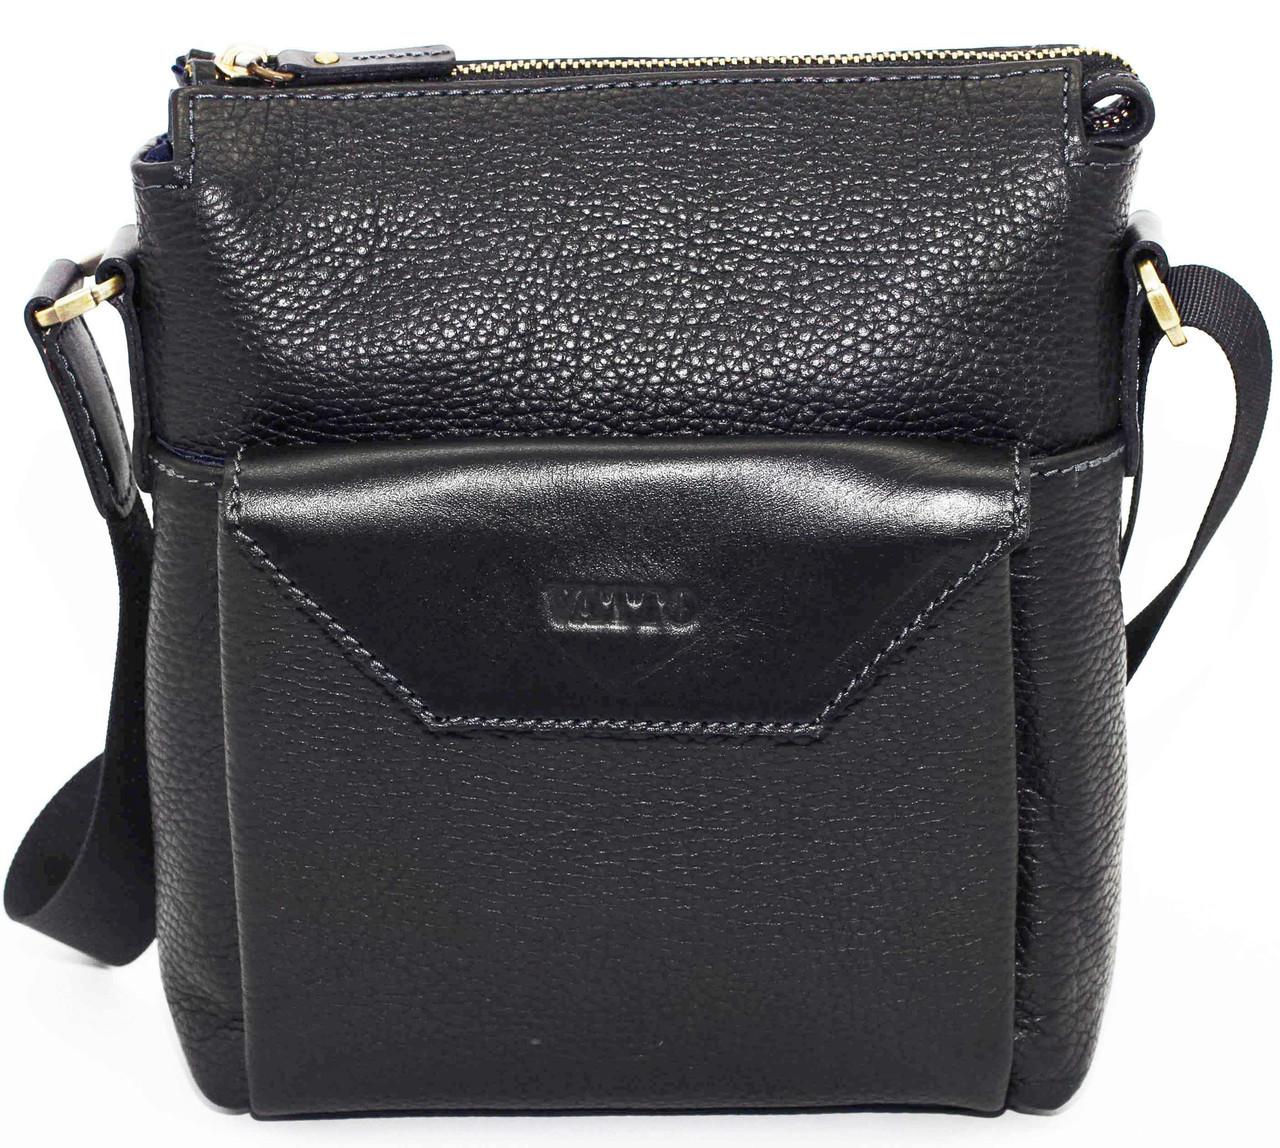 dde4c6337472 Мужская сумка через плечо VATTO Mk-41.1 FL8Kаz1 черная - Интернет-магазин  сумок,